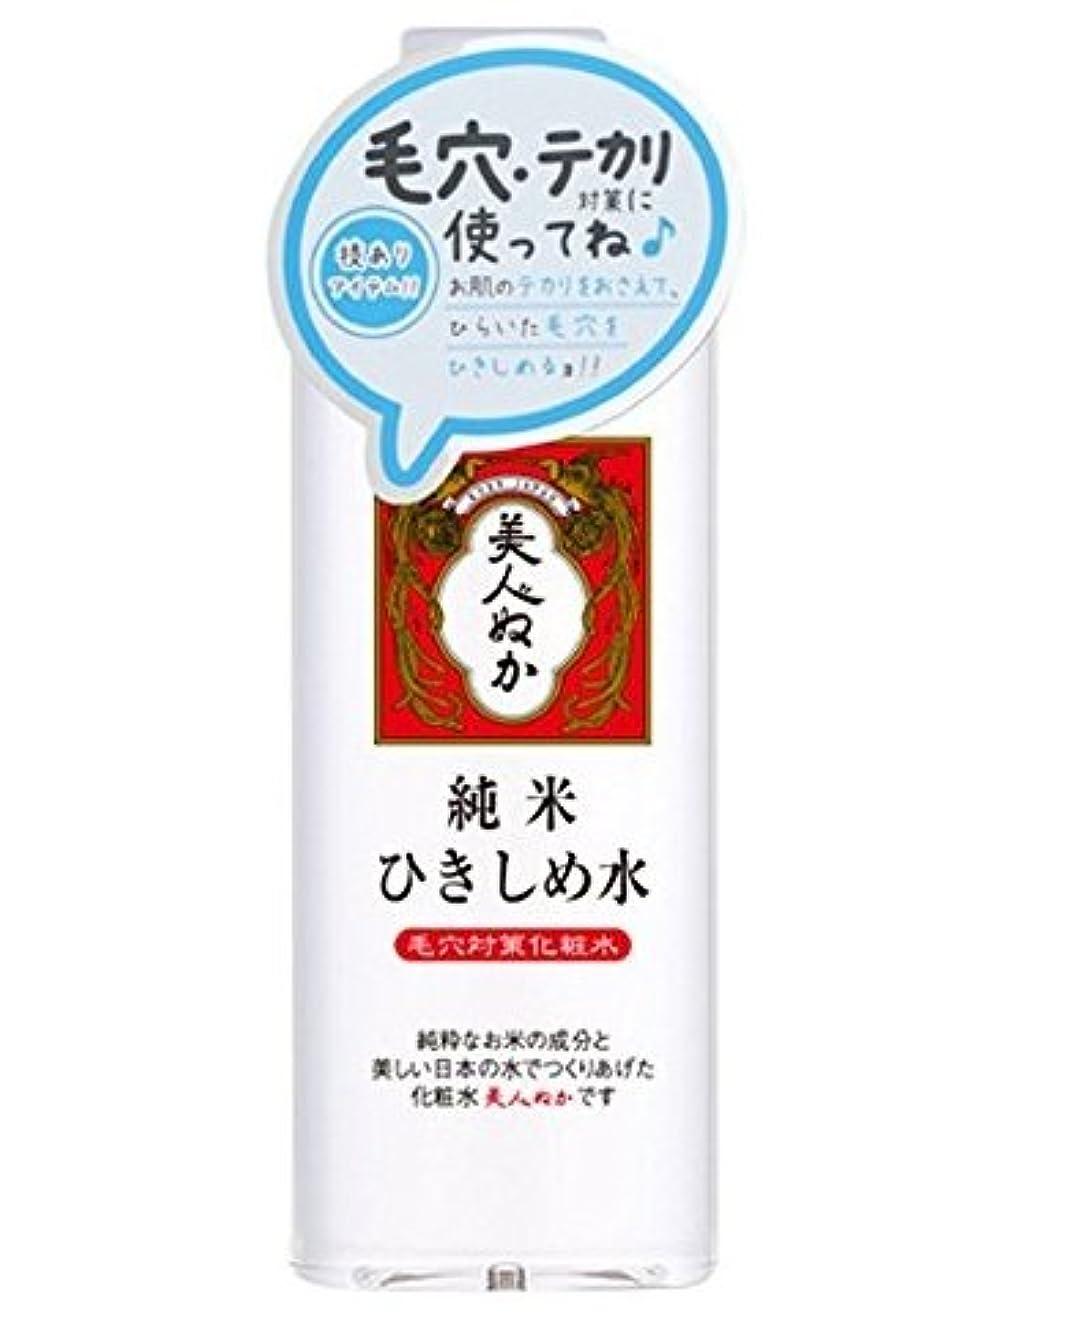 順番抗生物質の中で純米ひきしめ水 190ml × 24個セット